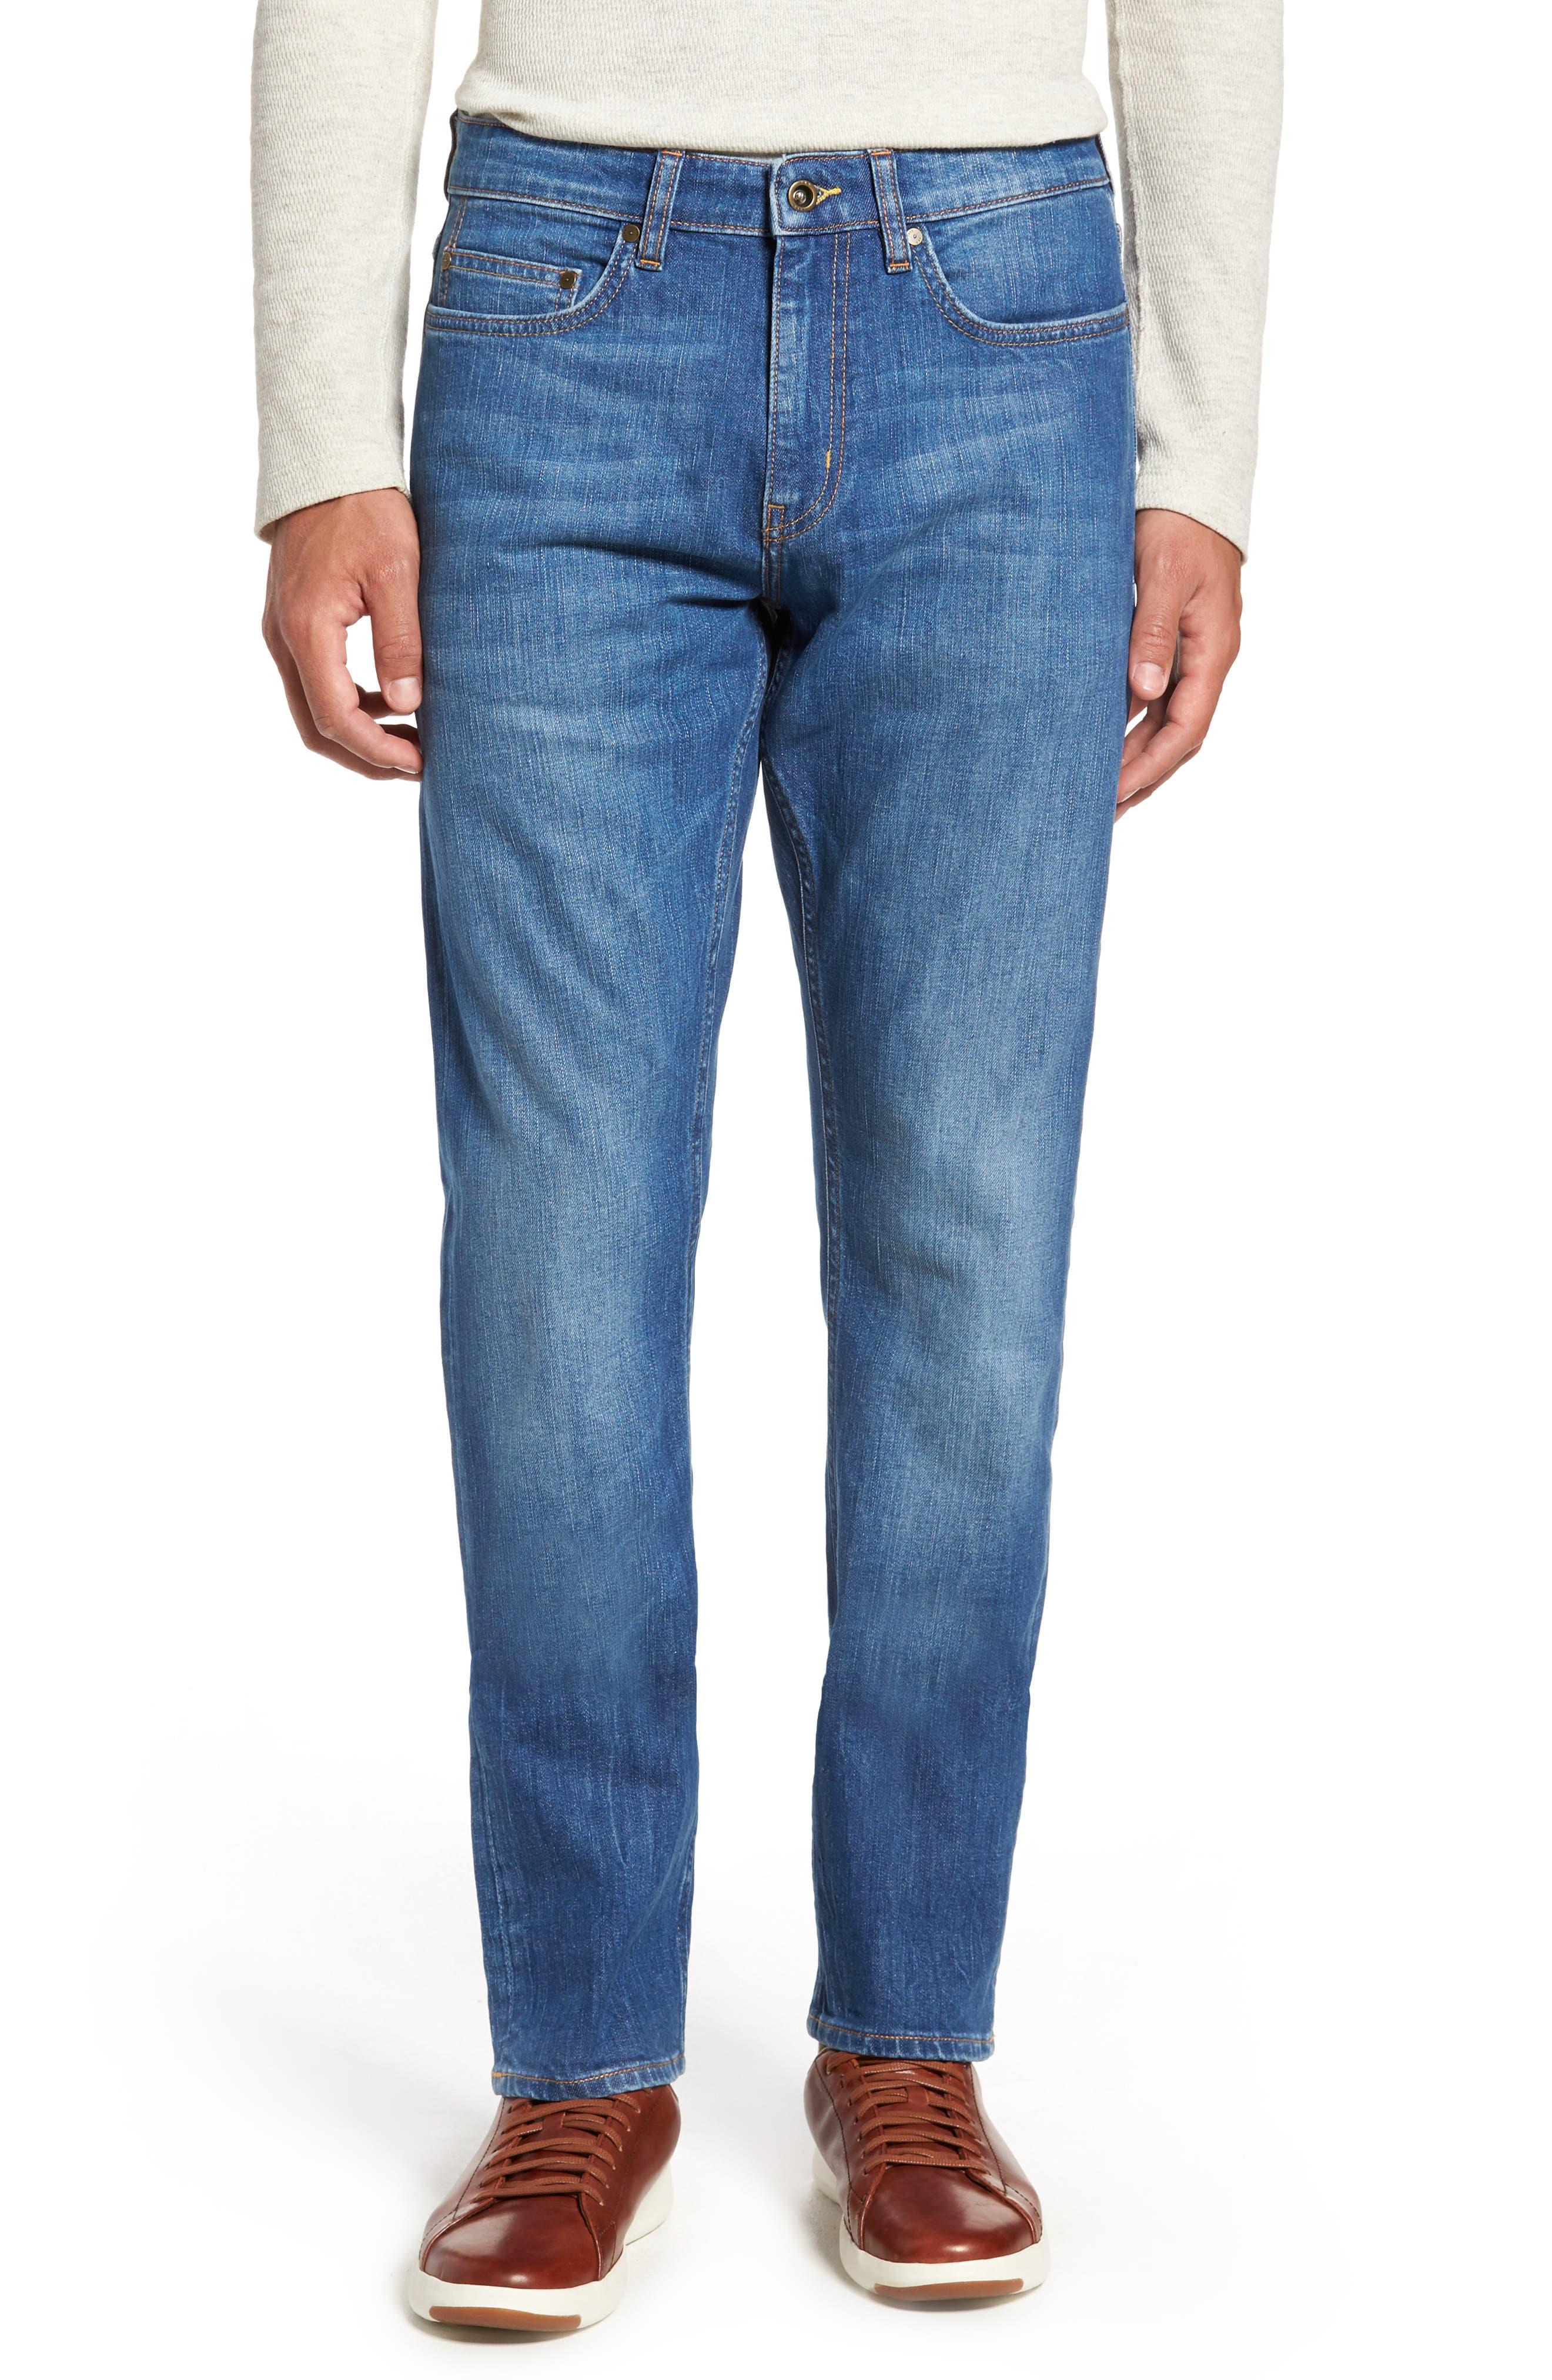 Cranfield Straight Leg Jeans,                             Main thumbnail 1, color,                             Denim